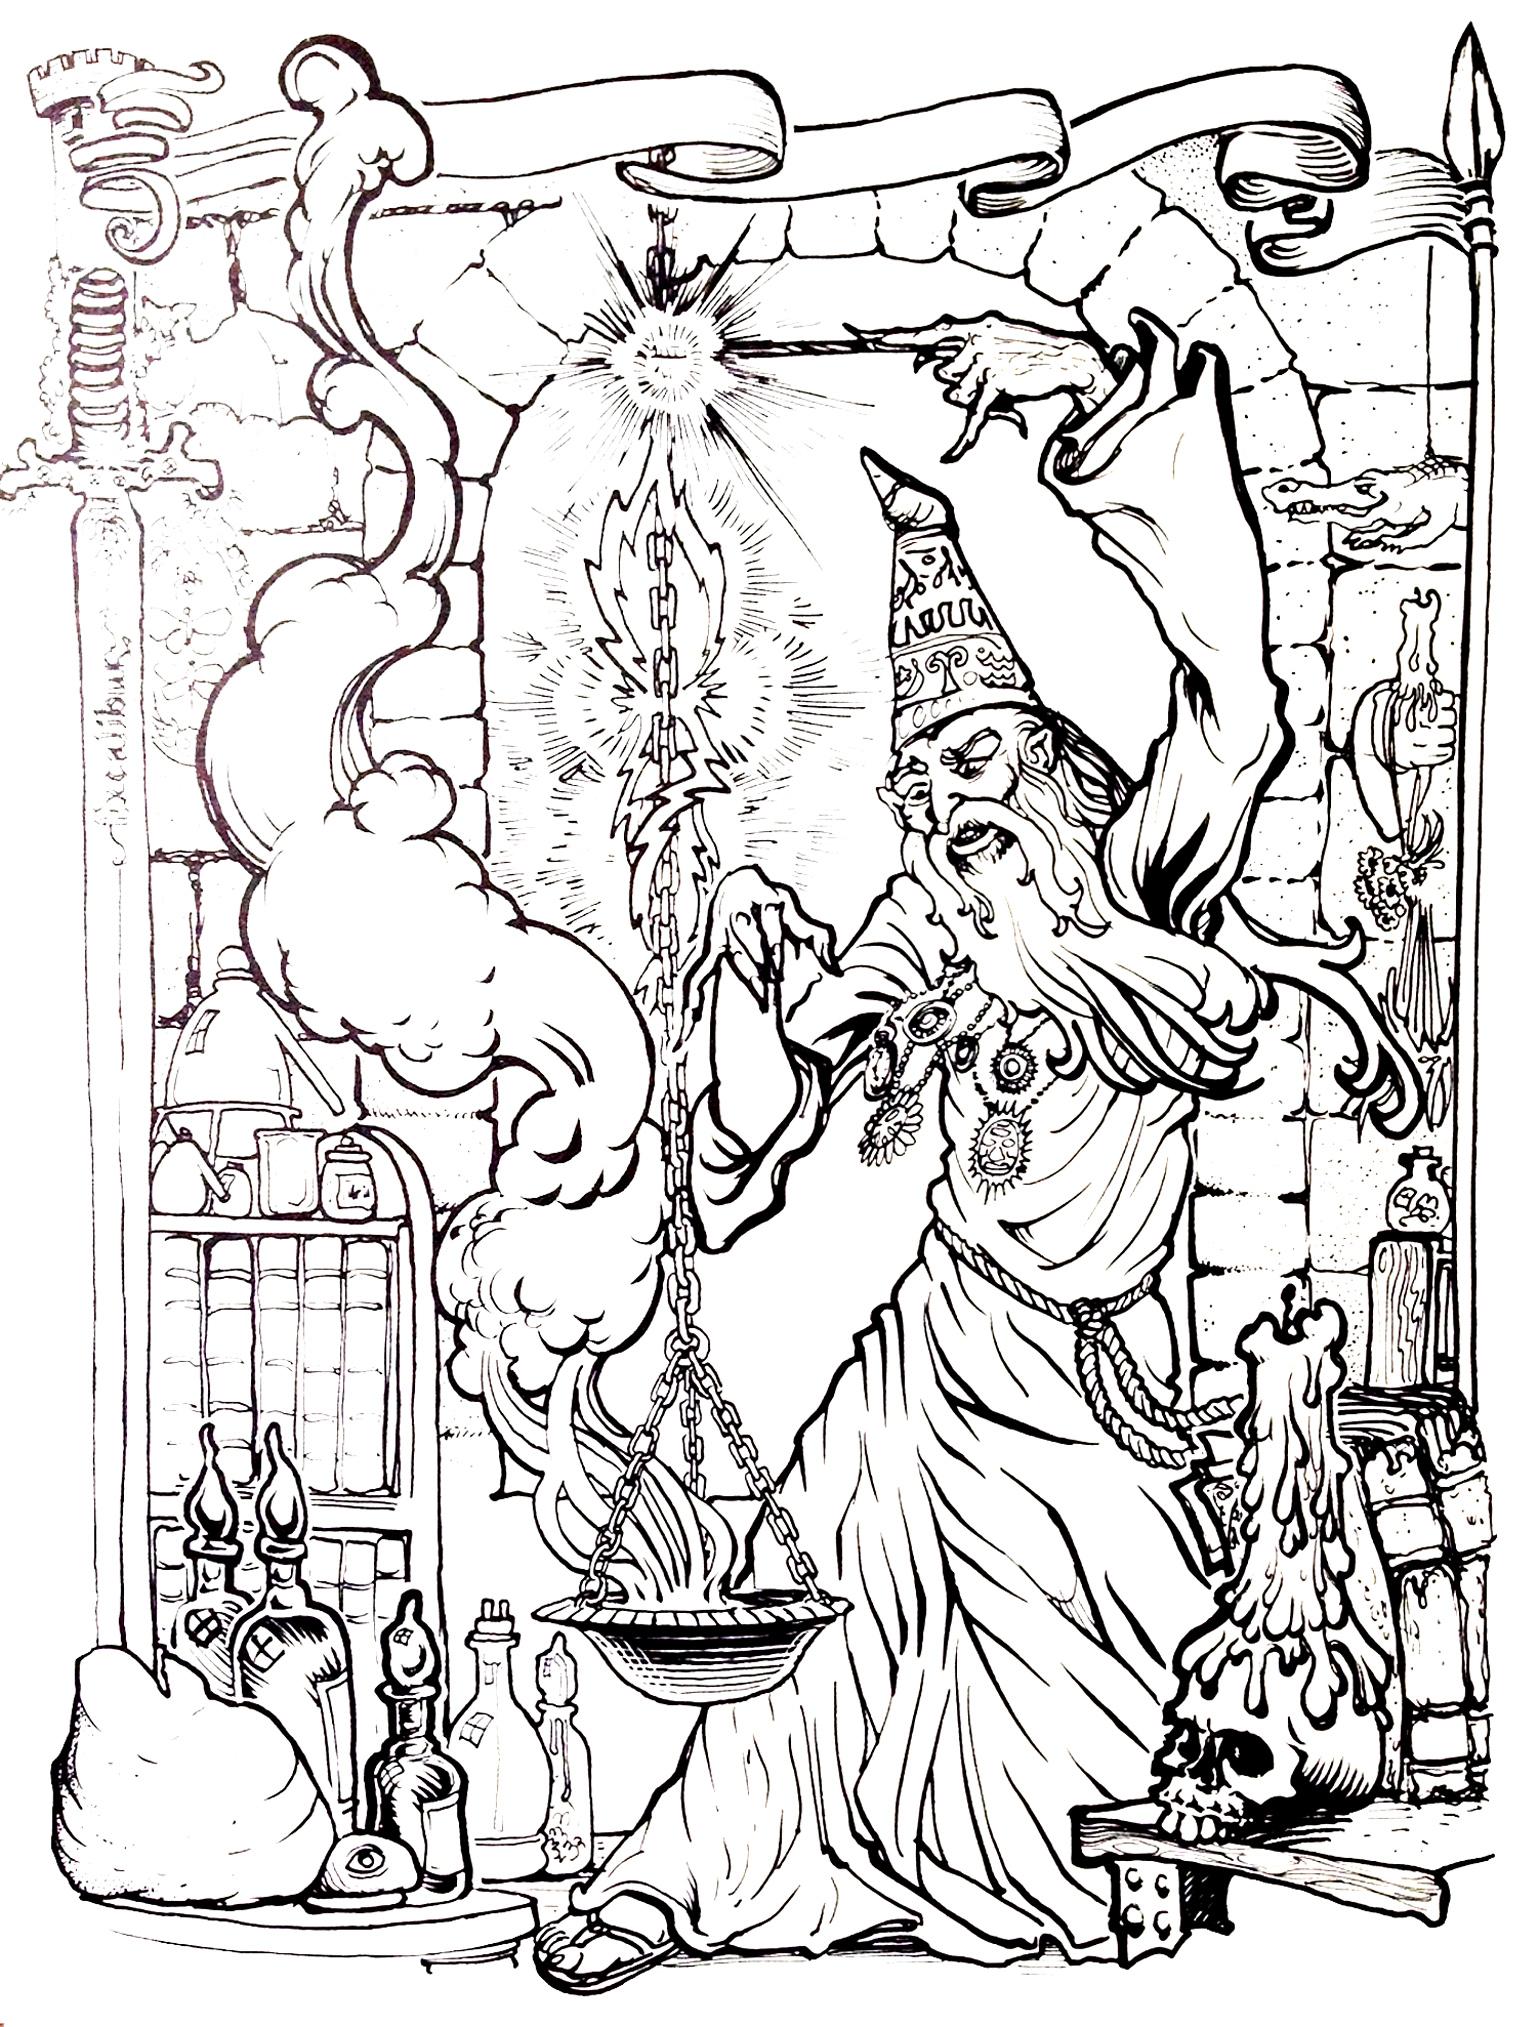 Merlin l'enchanteur dans un coloriage fourmillant de détails